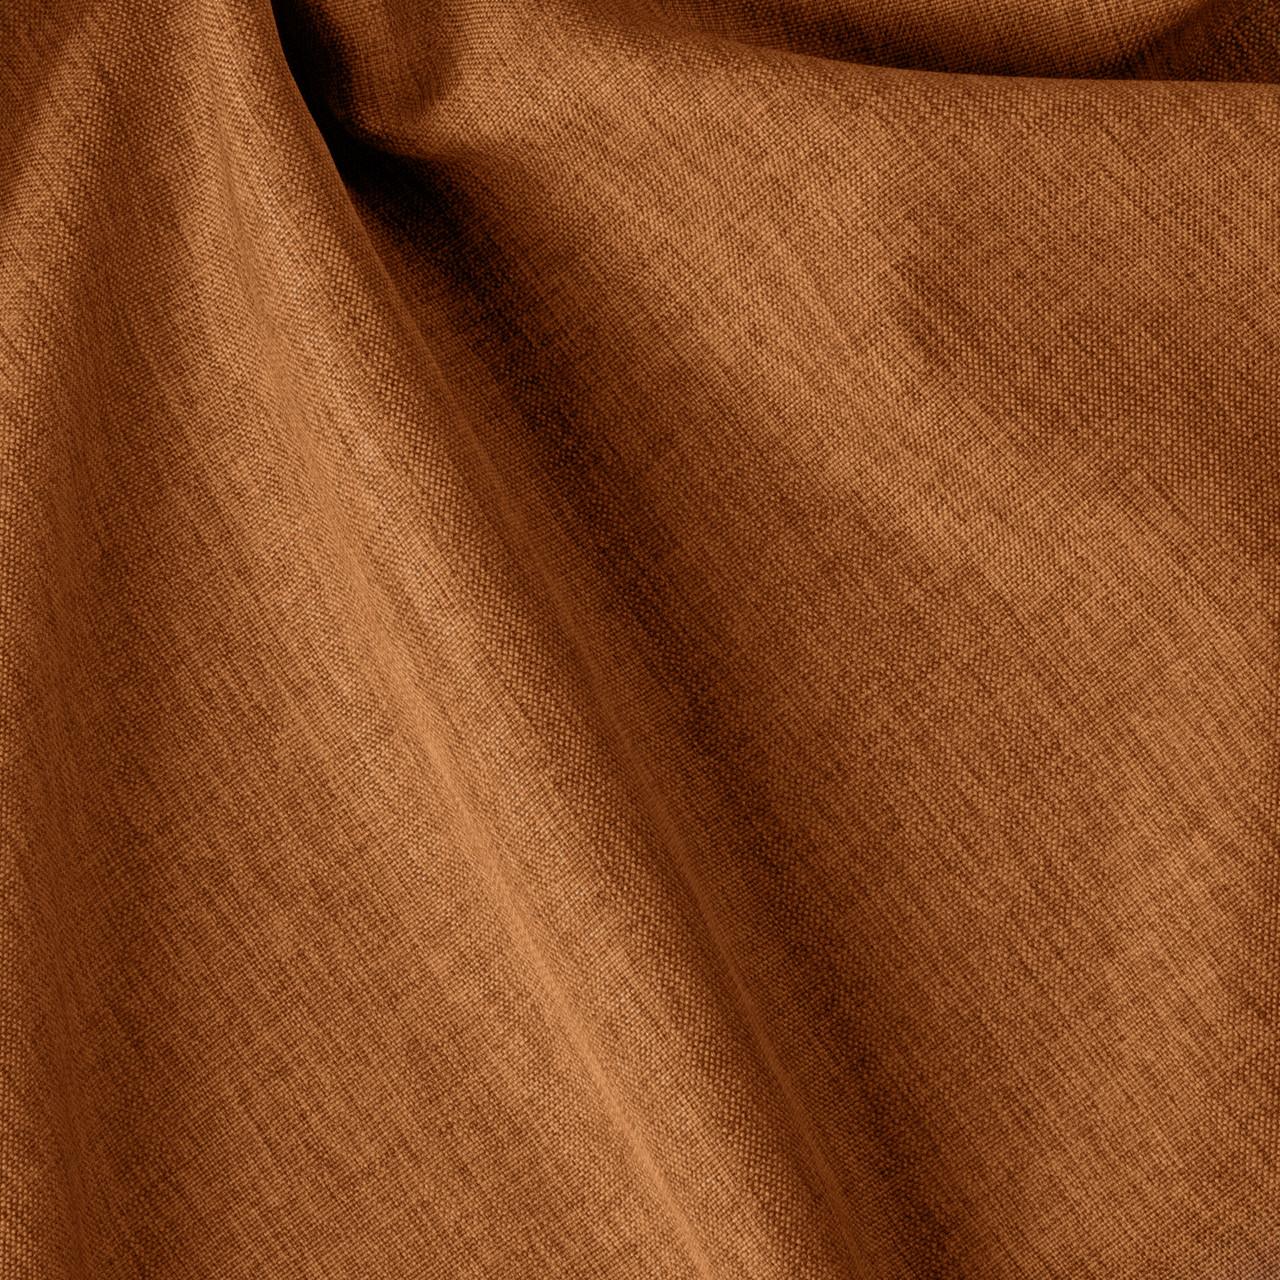 Декоративная однотонная ткань коричневого цвета для штор 84453v10